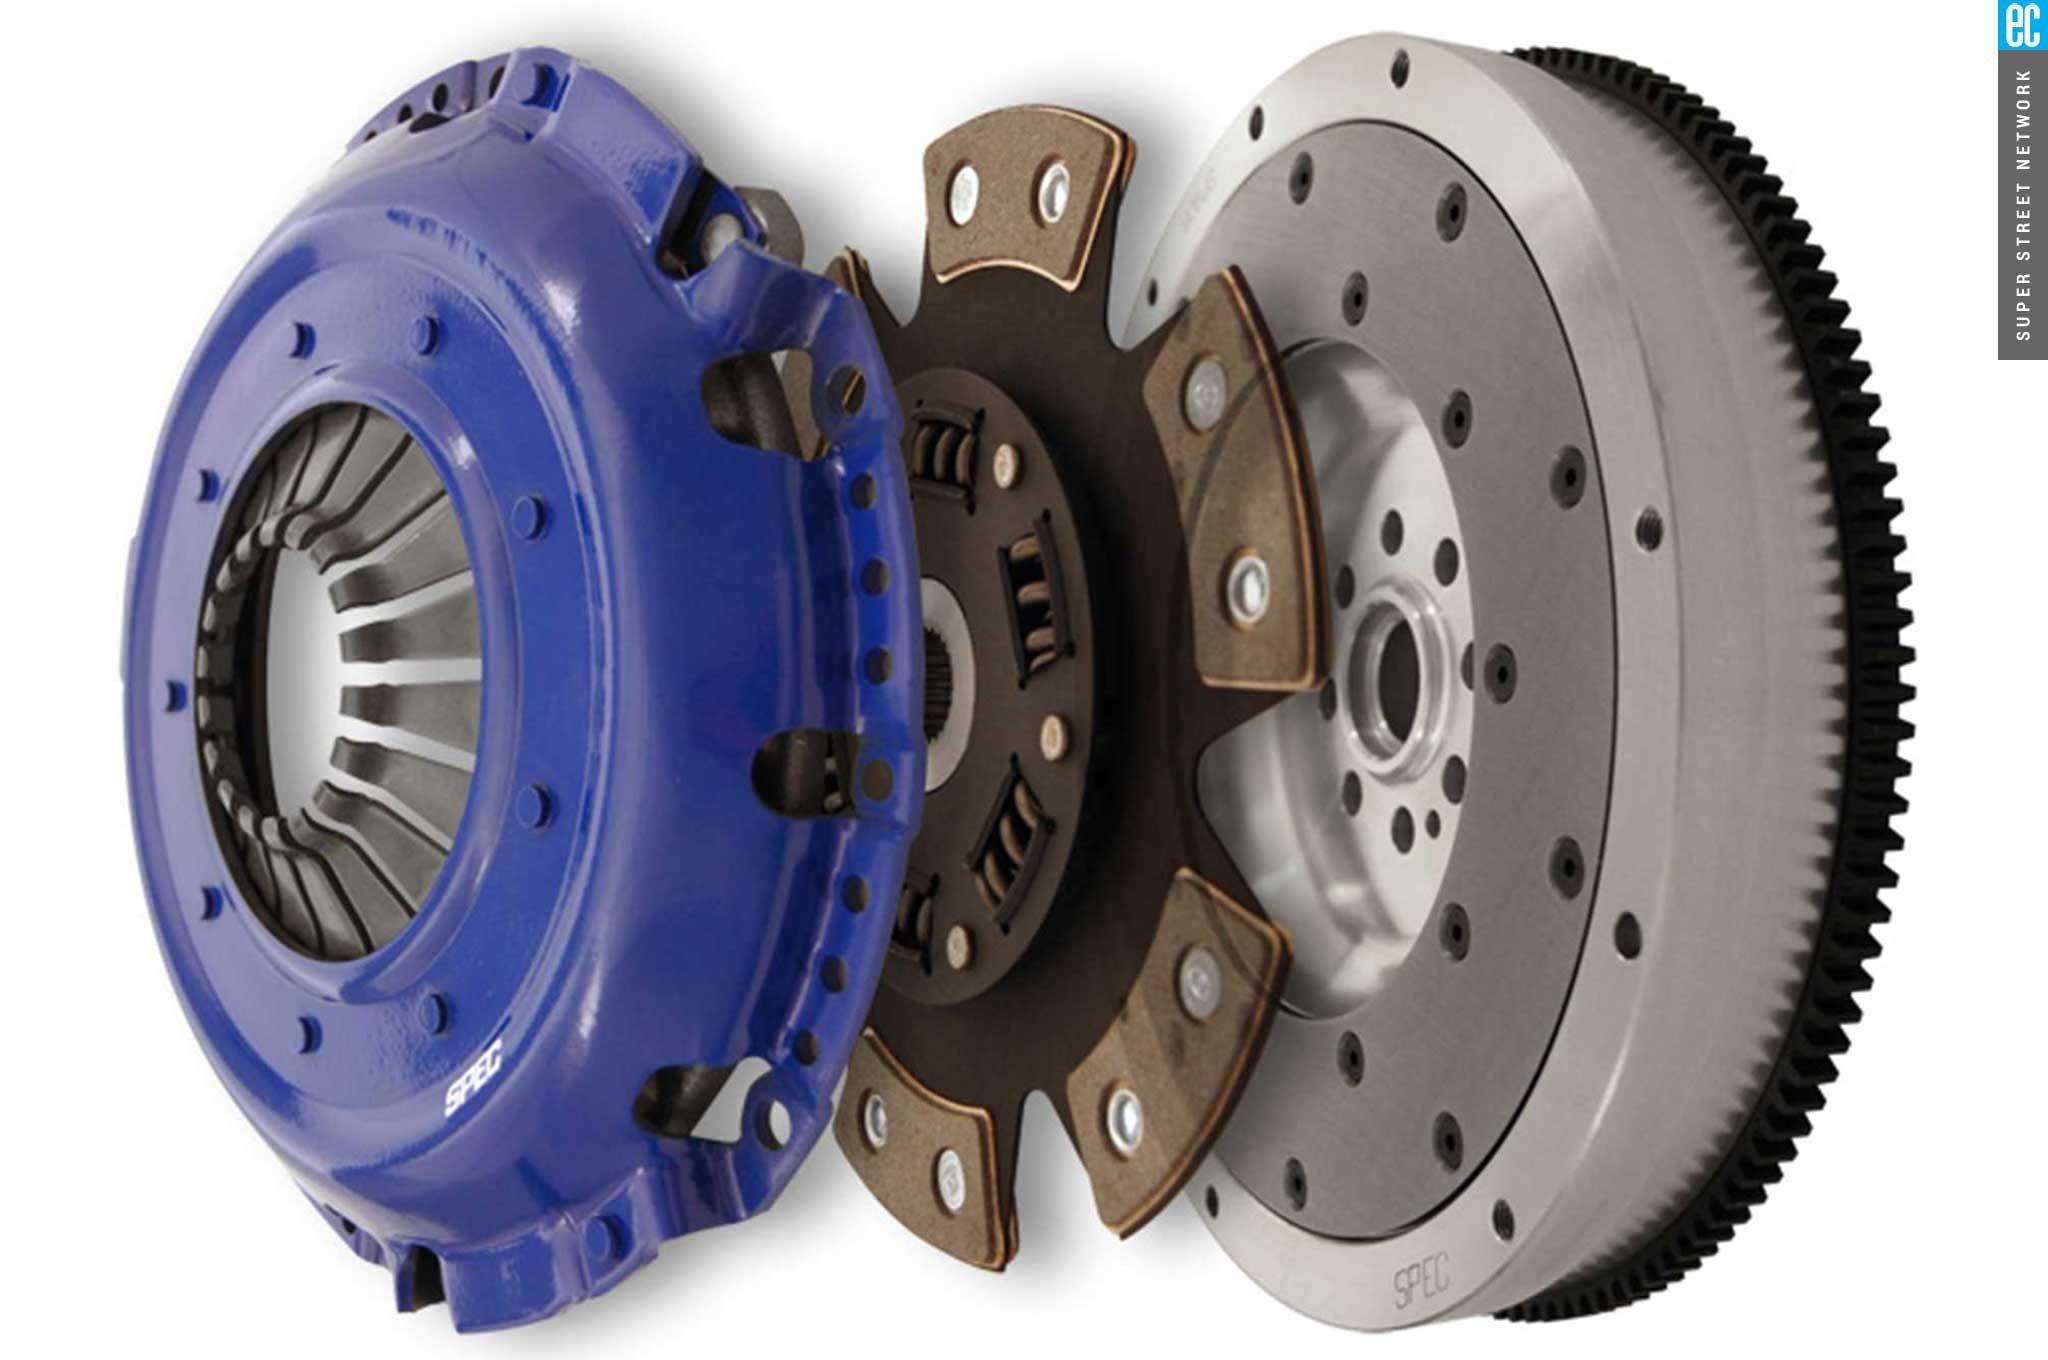 Diaphragm Clutch Diagram Clutch Disc and Brake Pad Friction Of Diaphragm Clutch Diagram